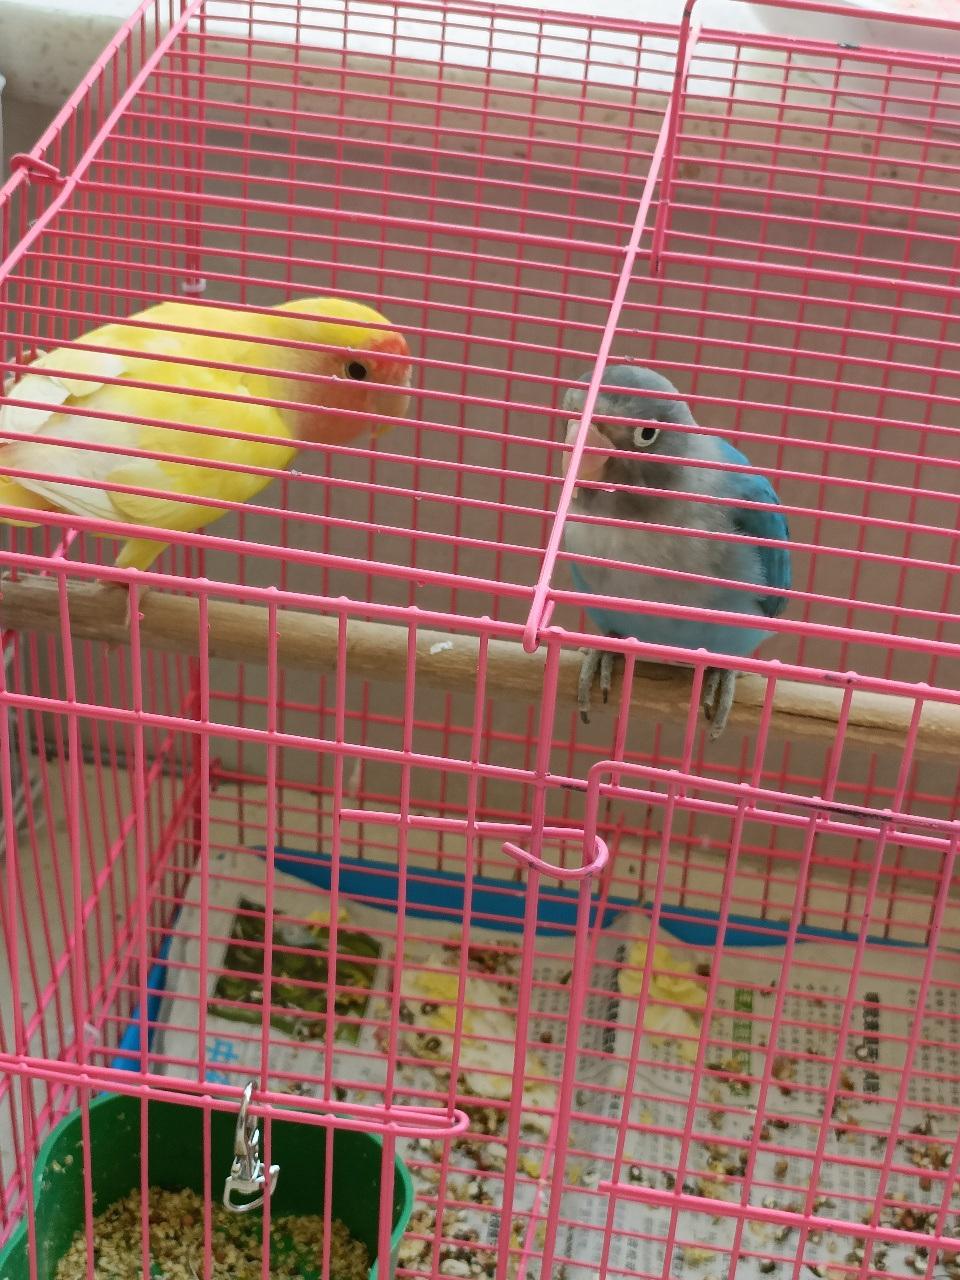 黄桃蓝桃一对带笼